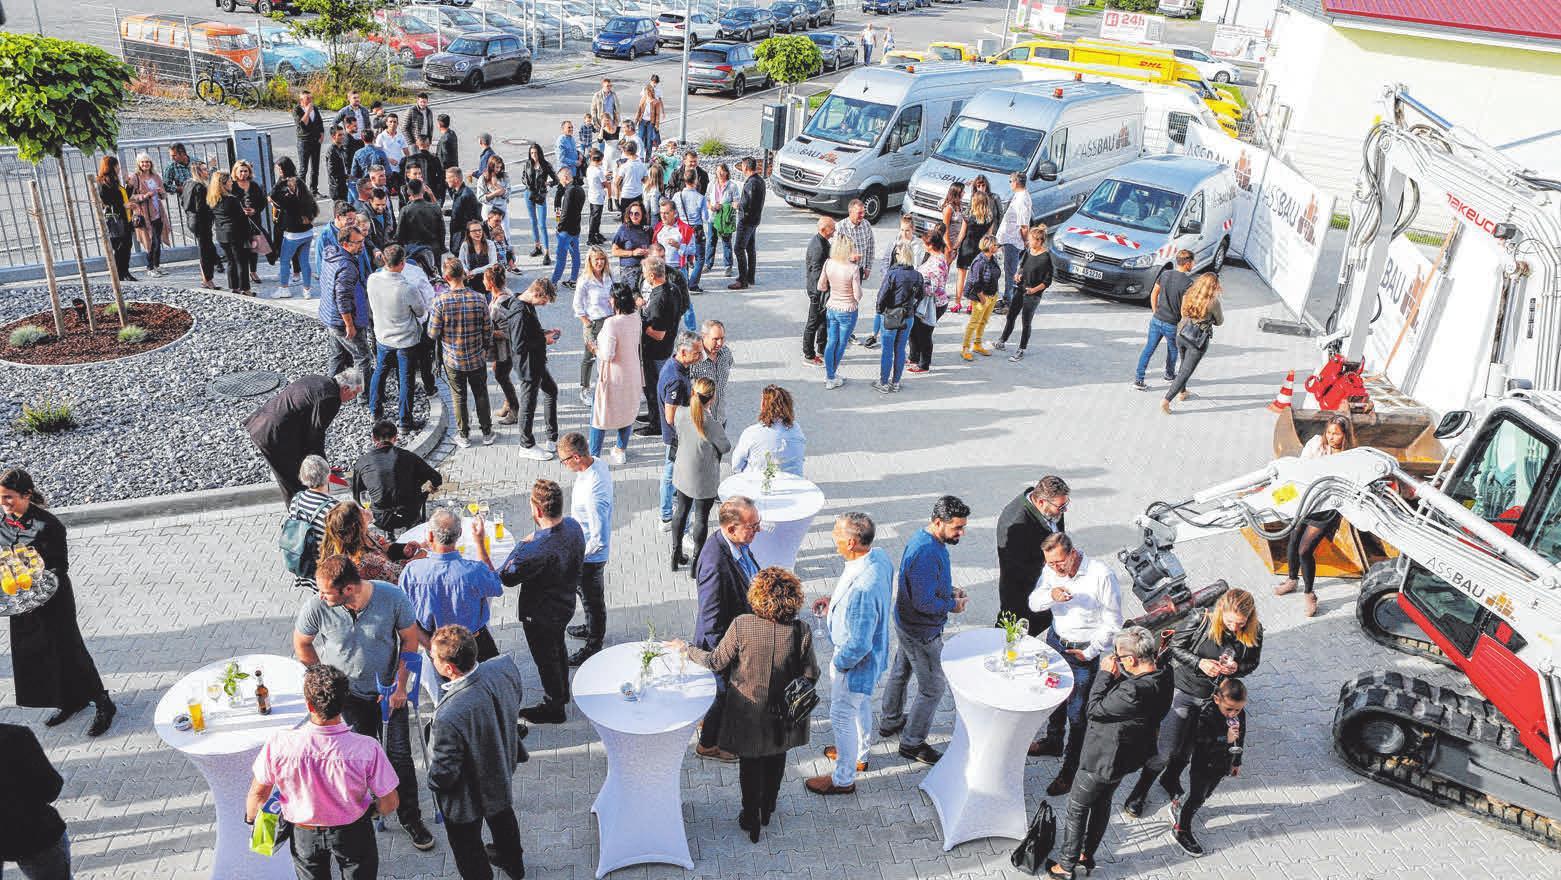 Knapp 400 Gäste folgten der Einladung von ASSBAU. FOTO: OLAF RUTSCHEK